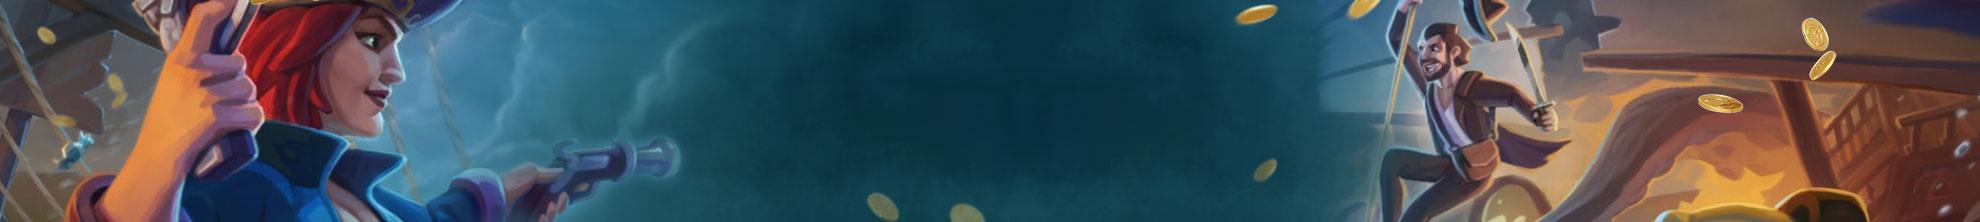 Заходи на ресурс Джой Казино в игровые слоты онлайн